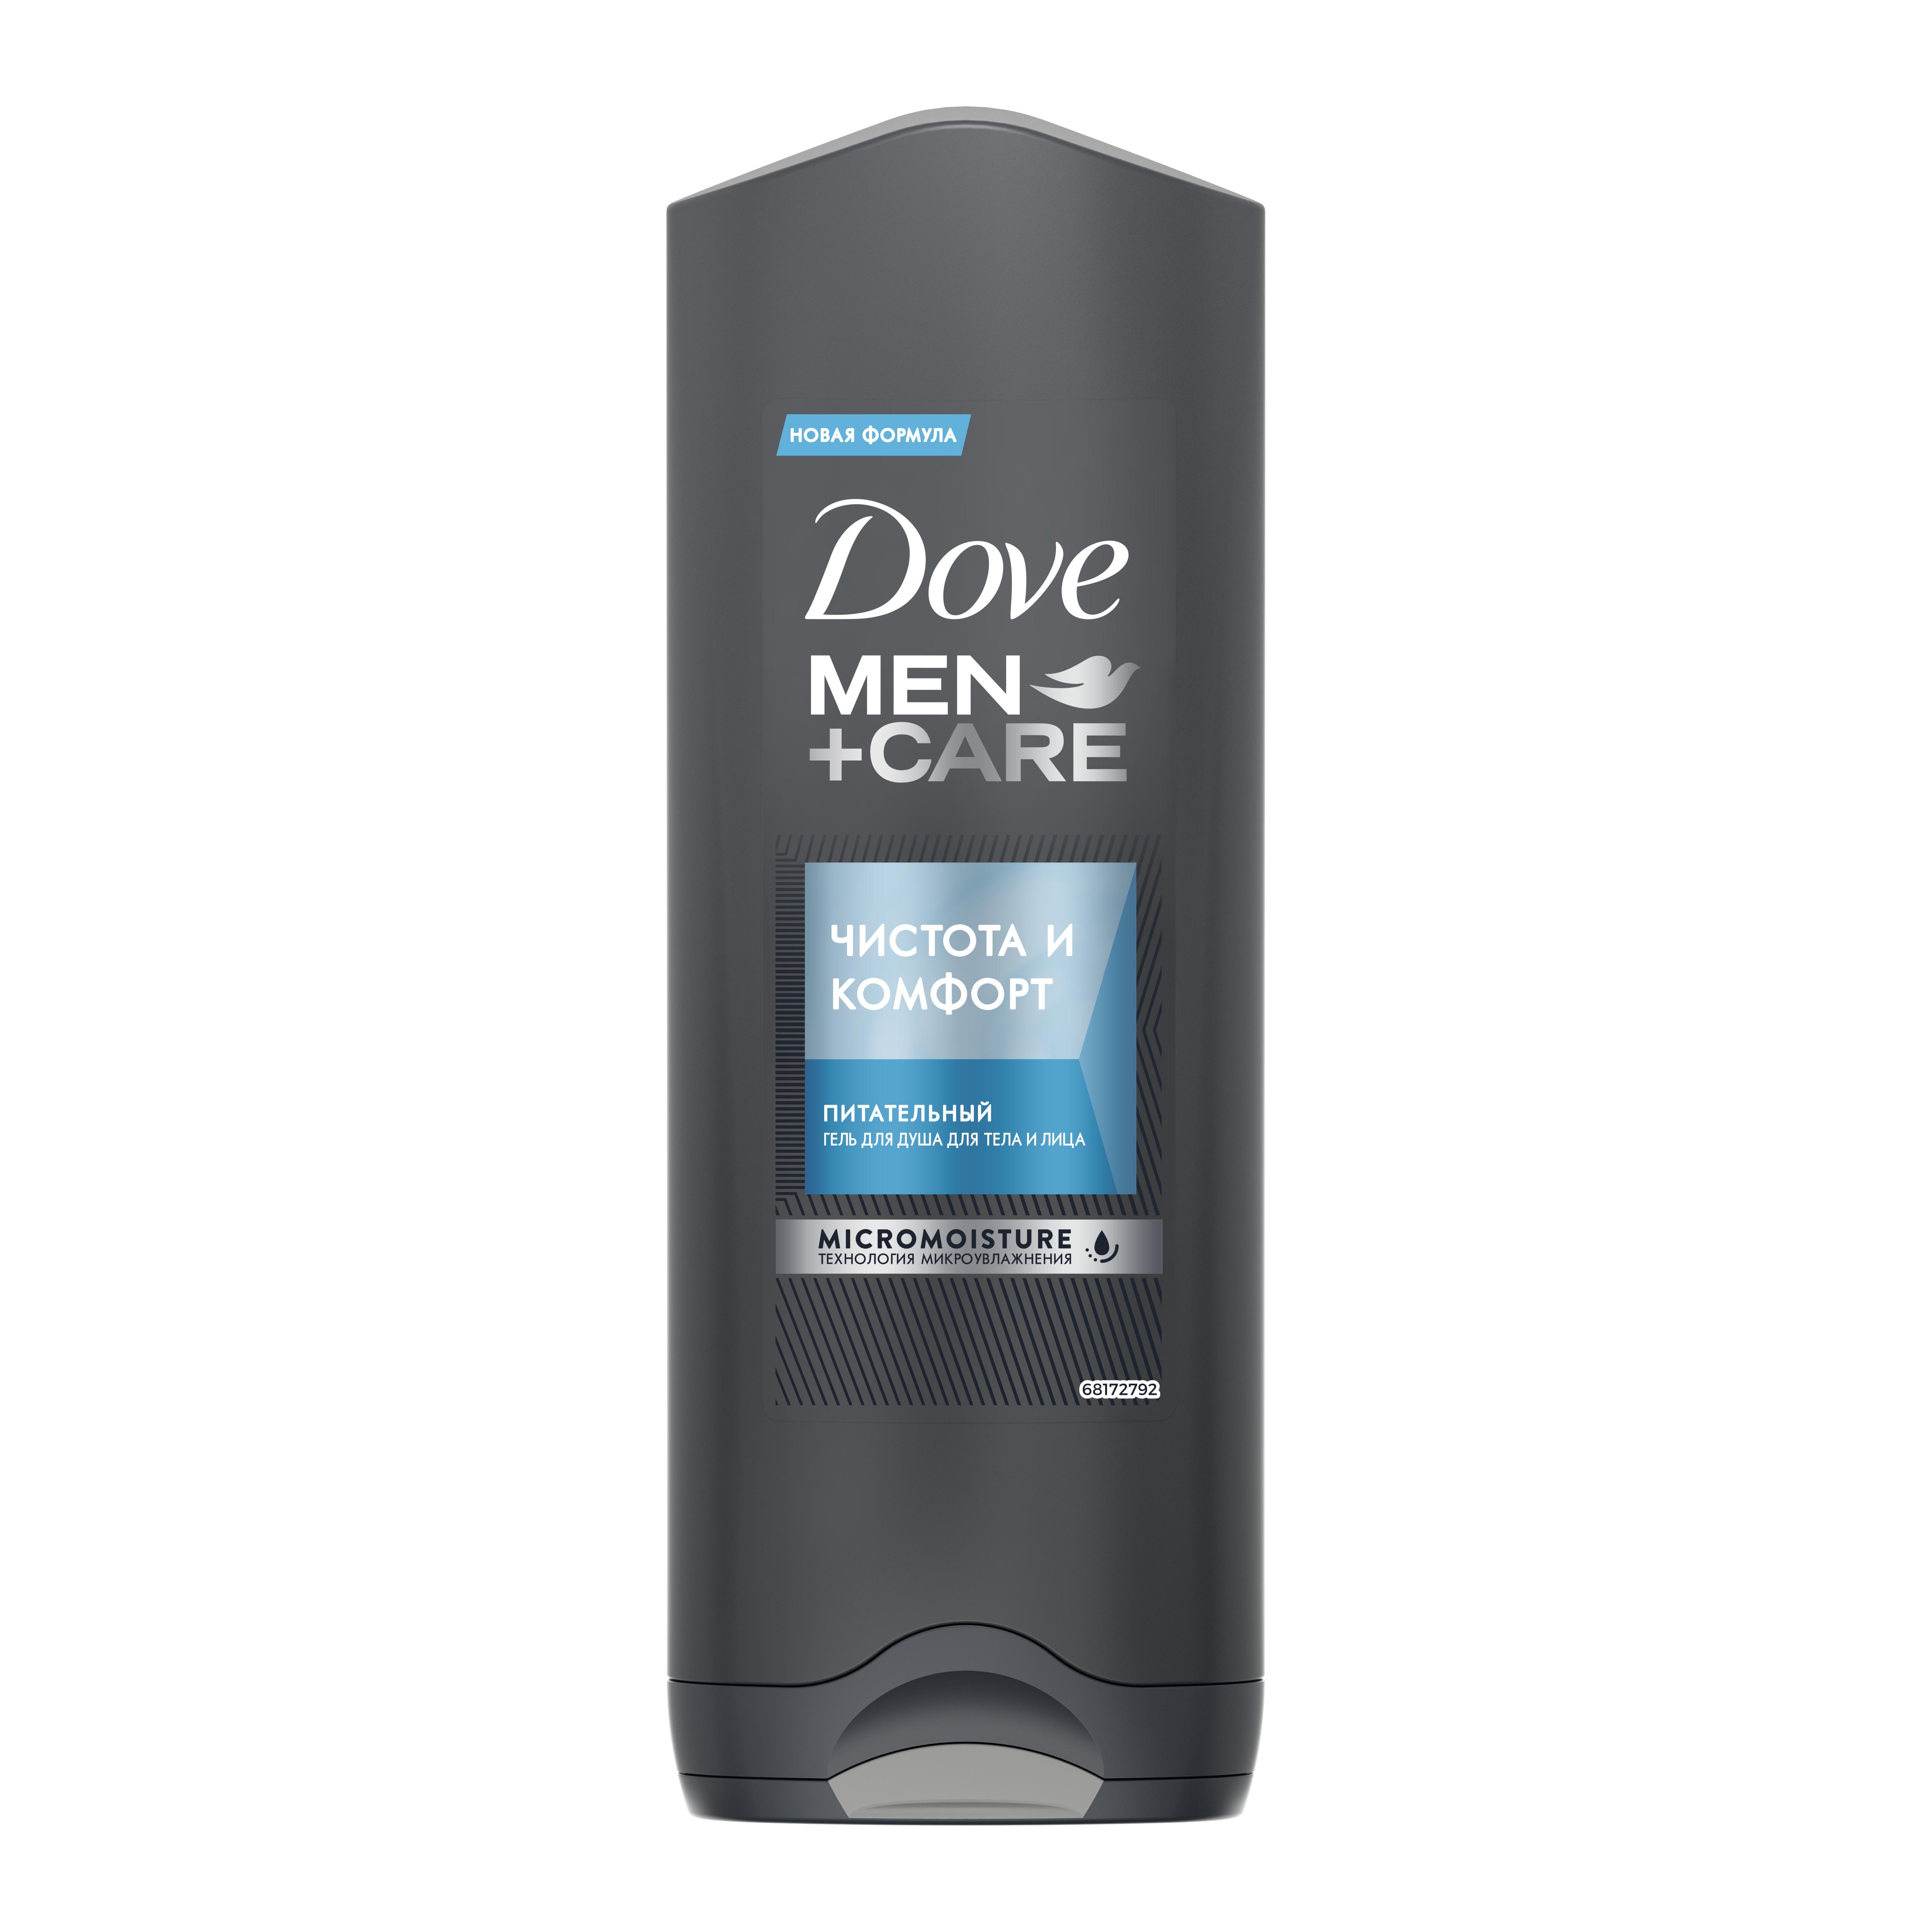 DOVE Гель для душа Чистота и комфорт 250 мл (DOVE, Dove Men+Care)